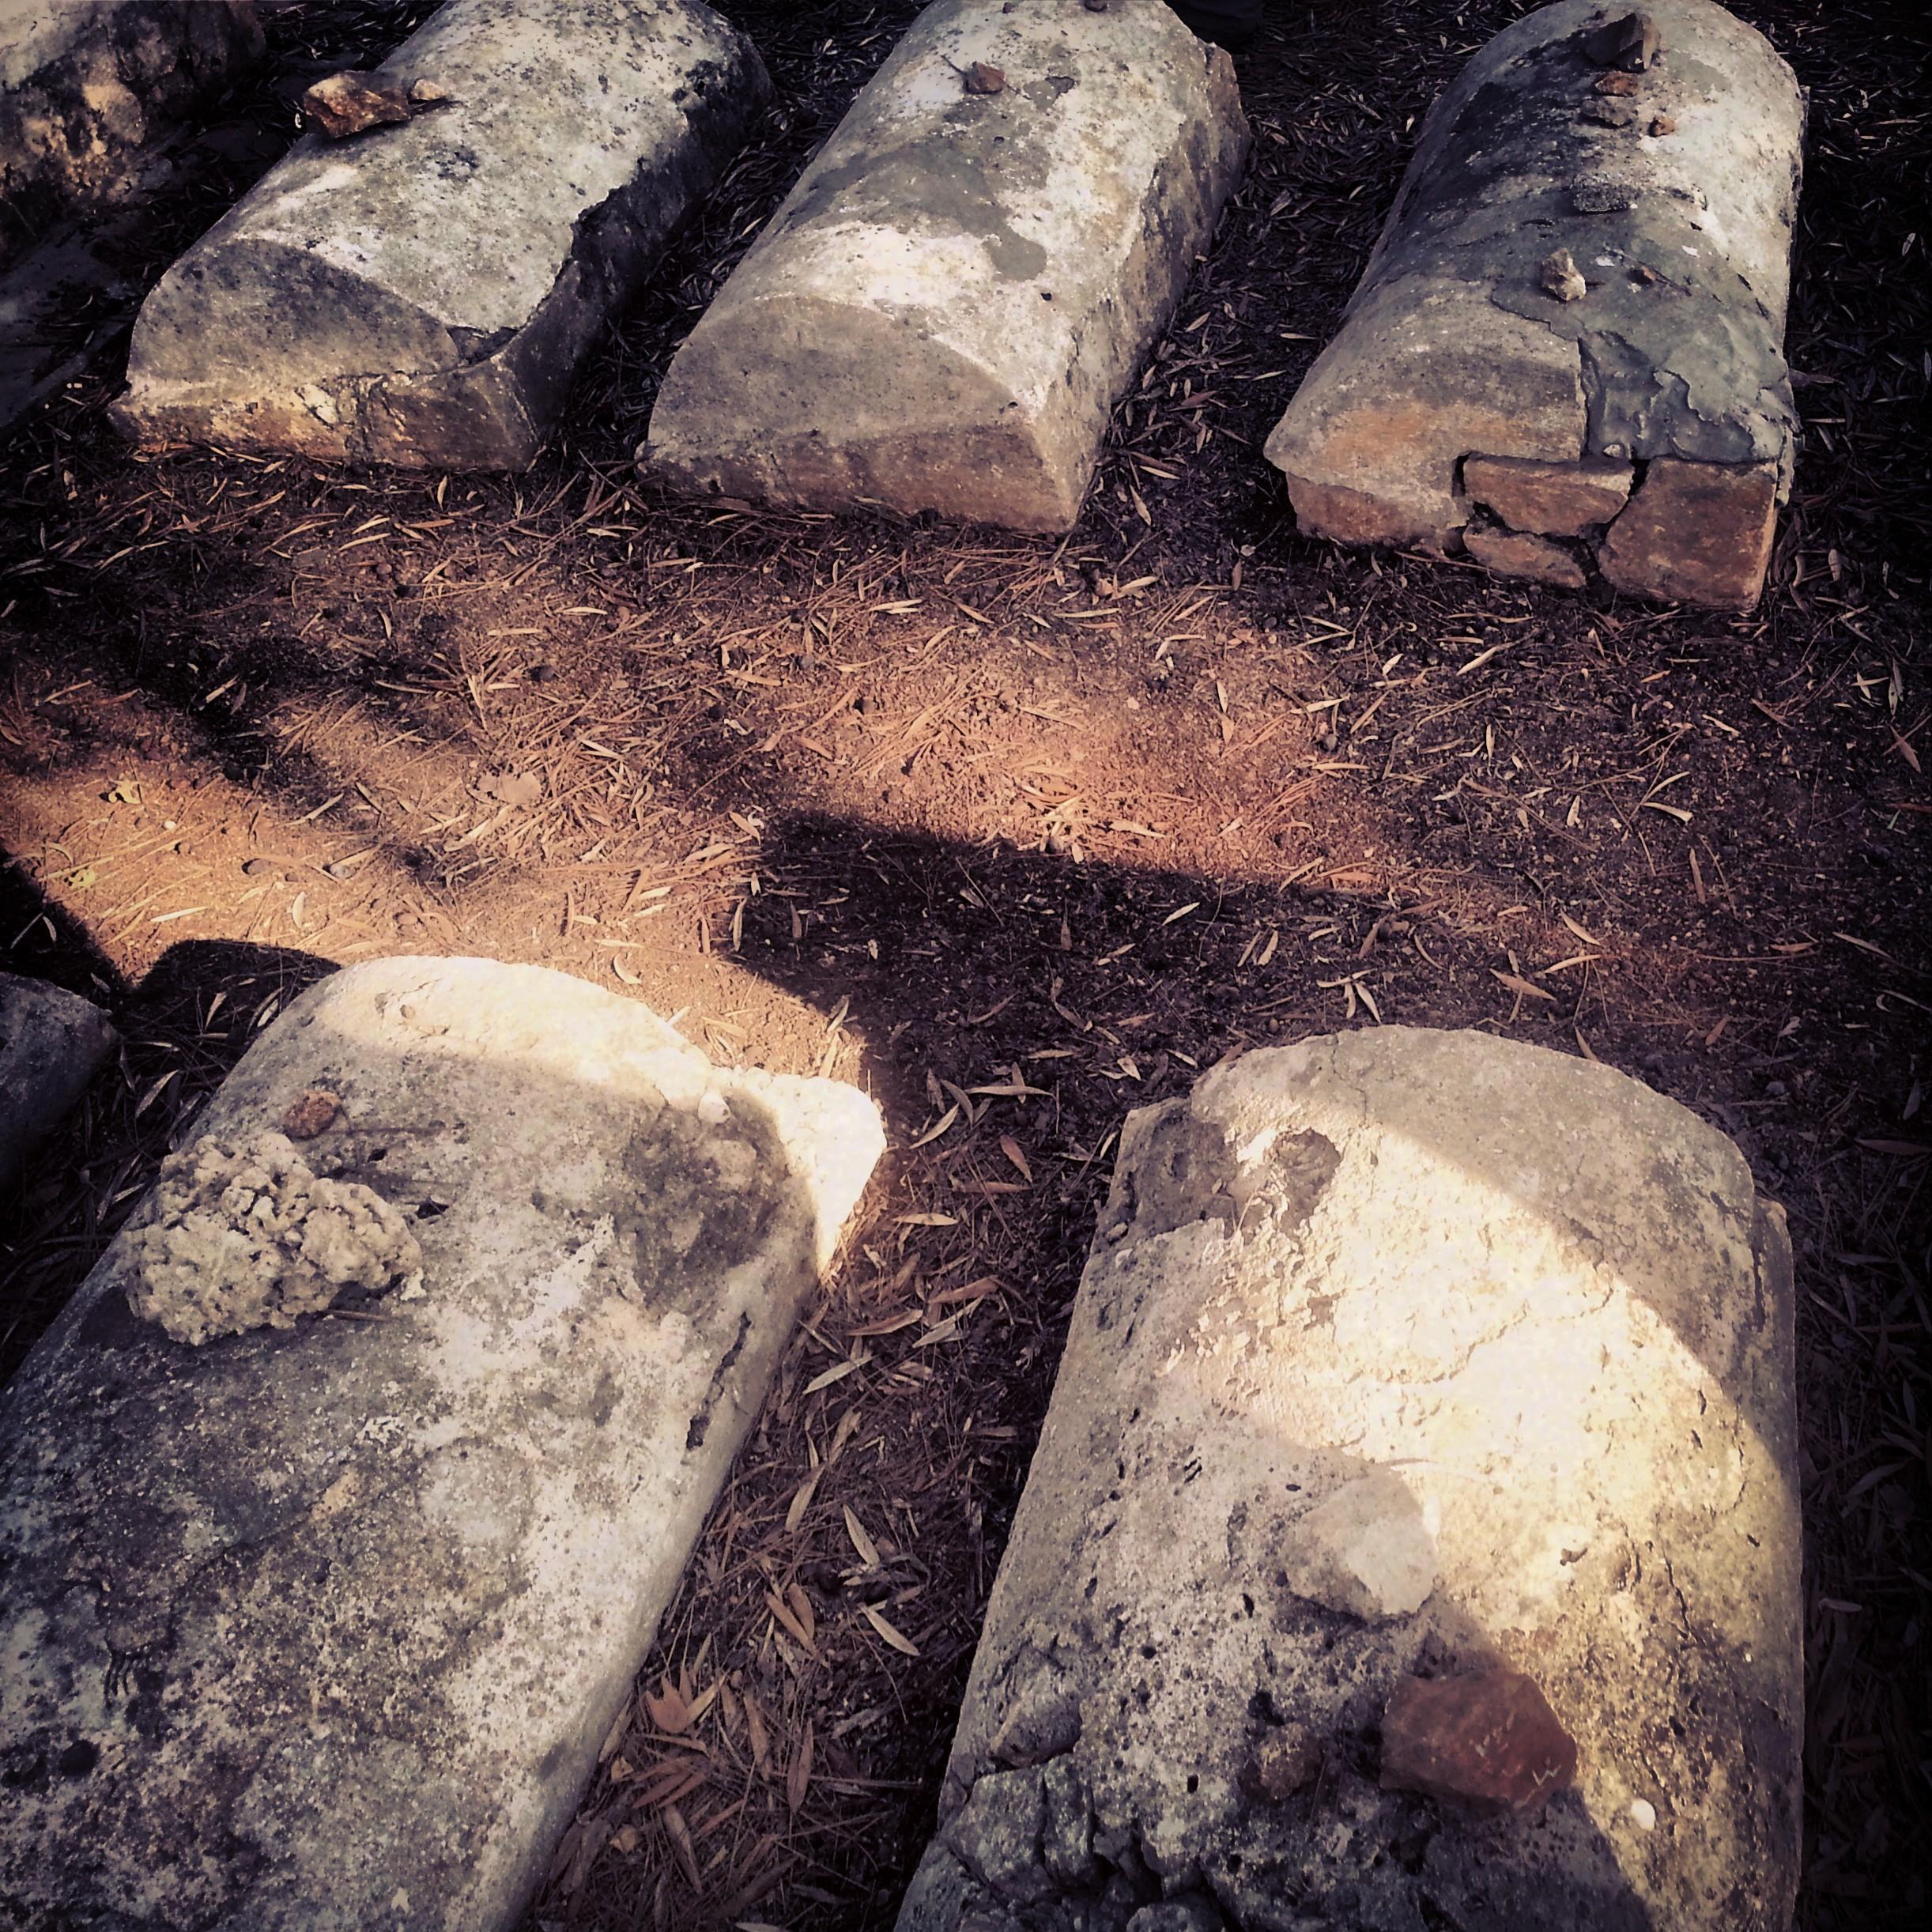 Children's graves in the Zichron Yaakov cemetery